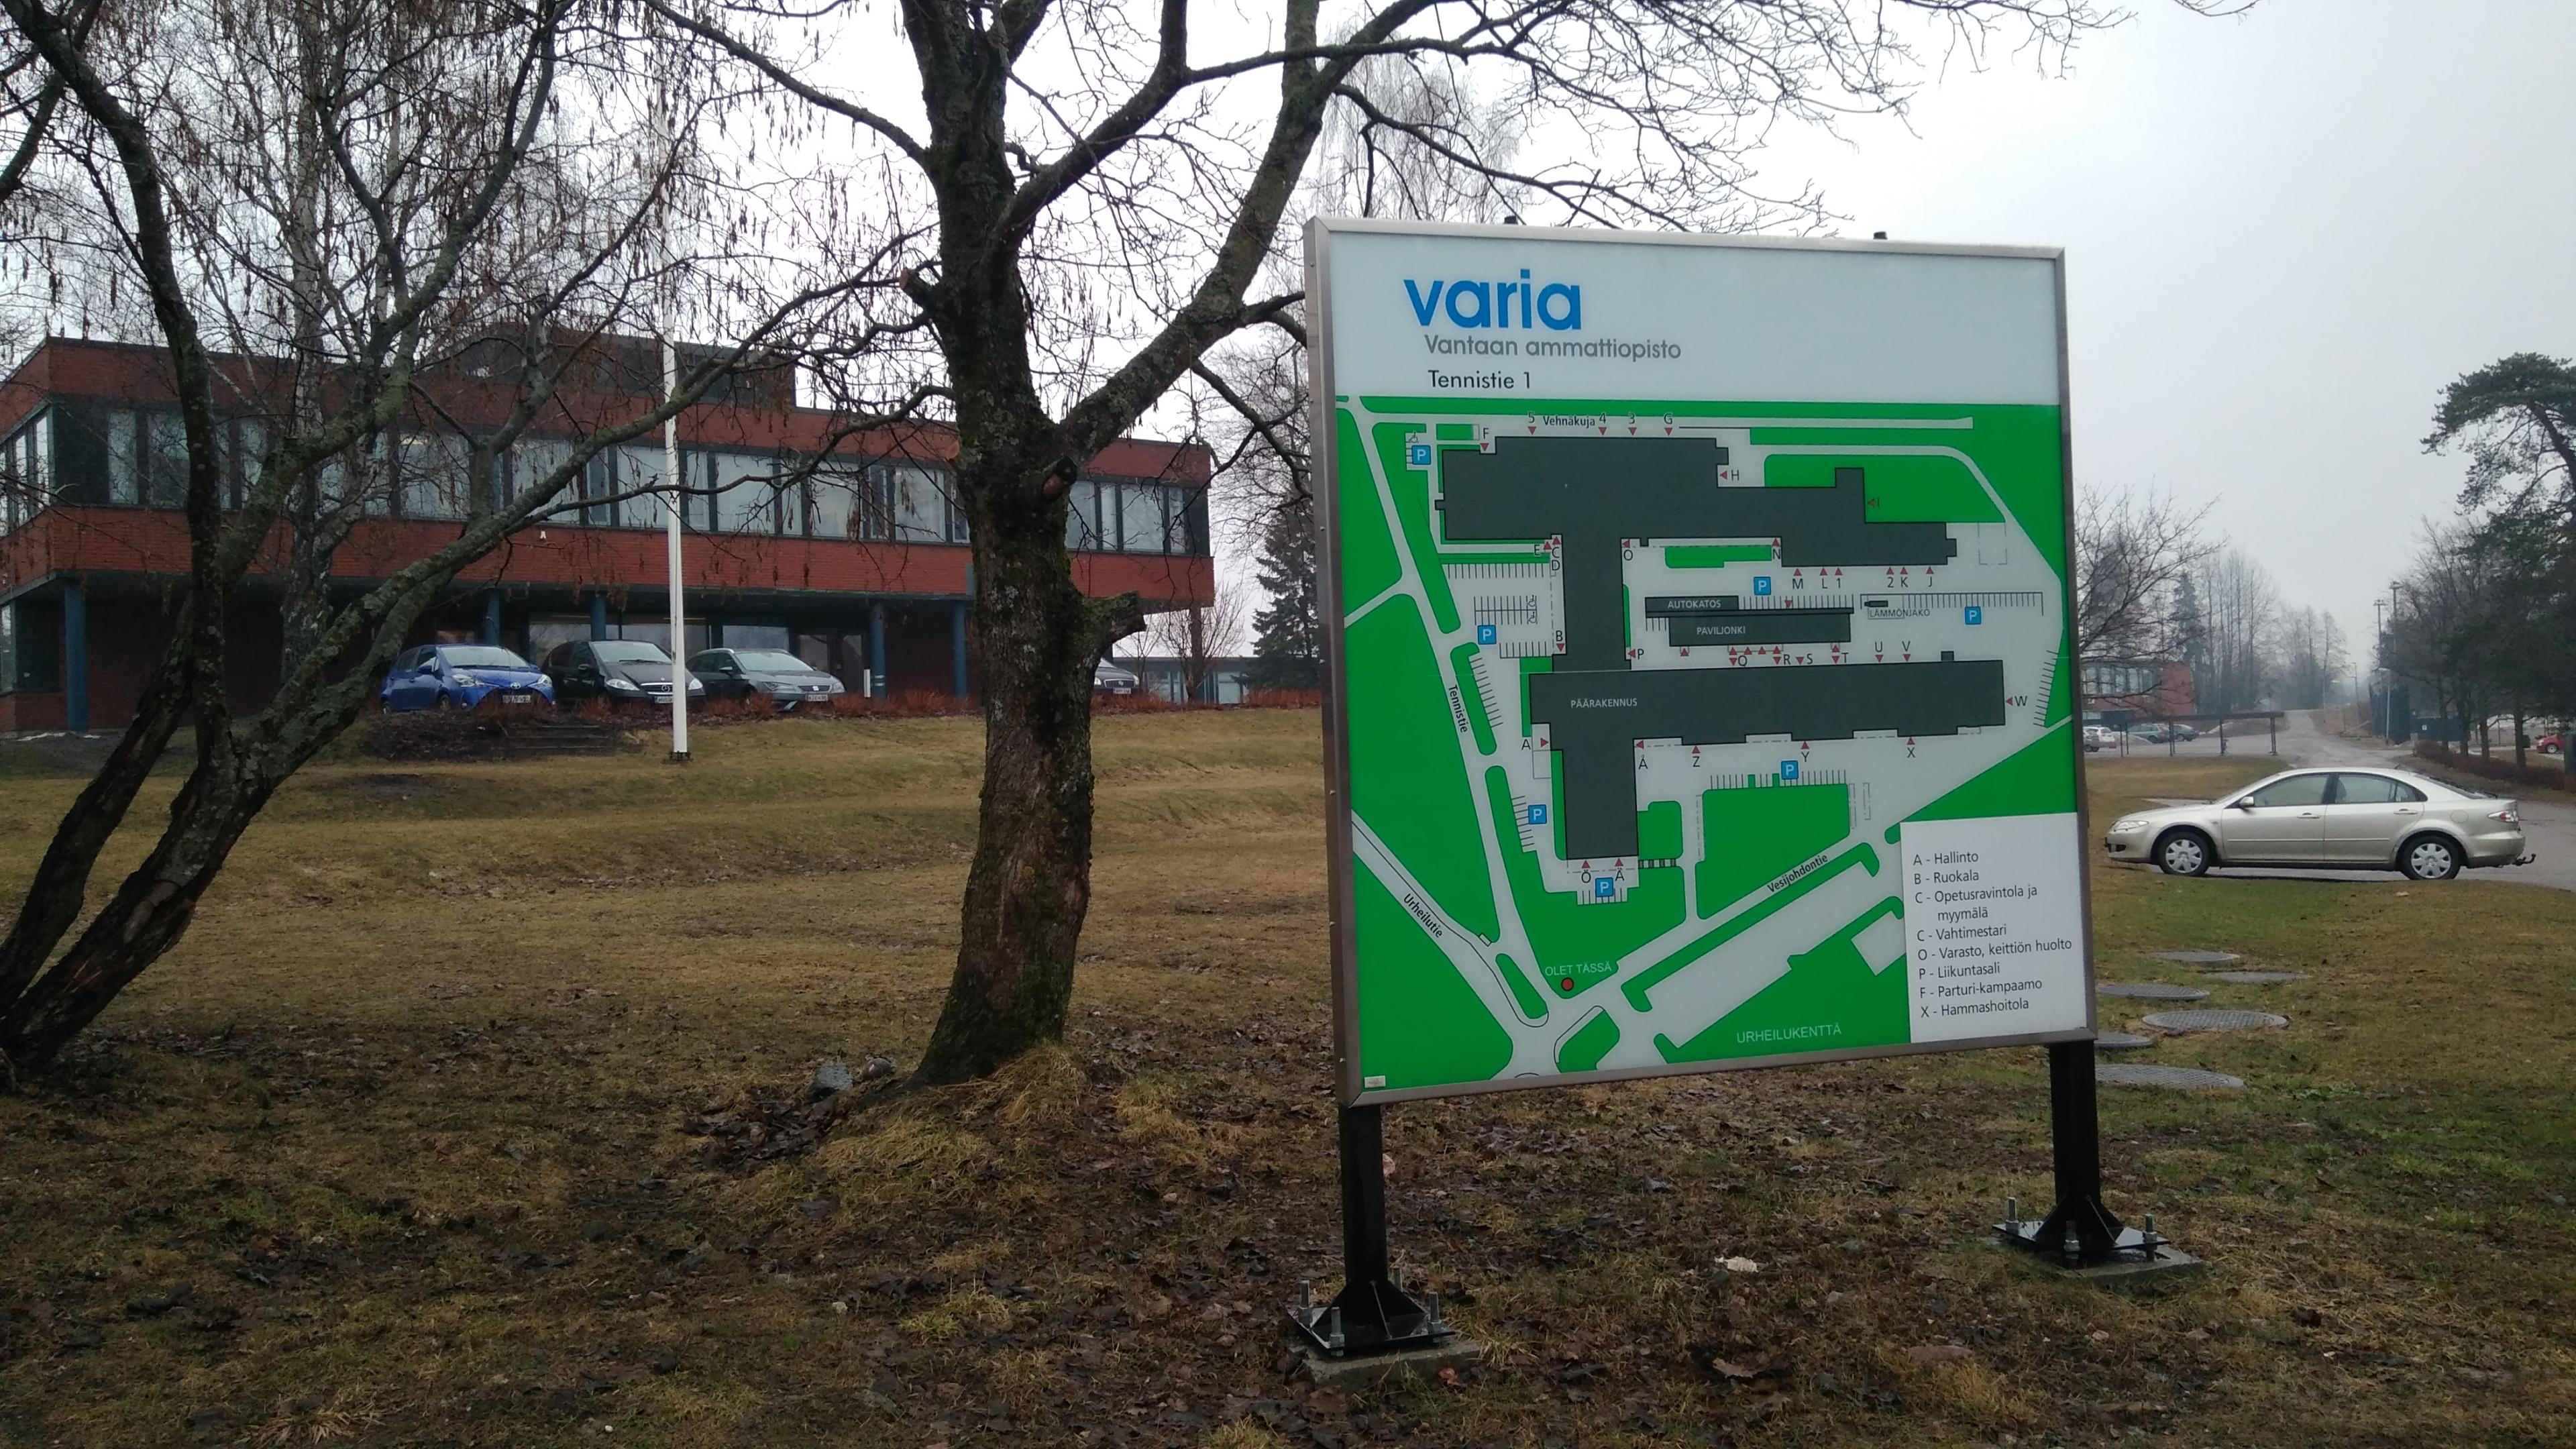 Vataan Ammattiopisto Varia. Finlandia. Erasmus +2018 8